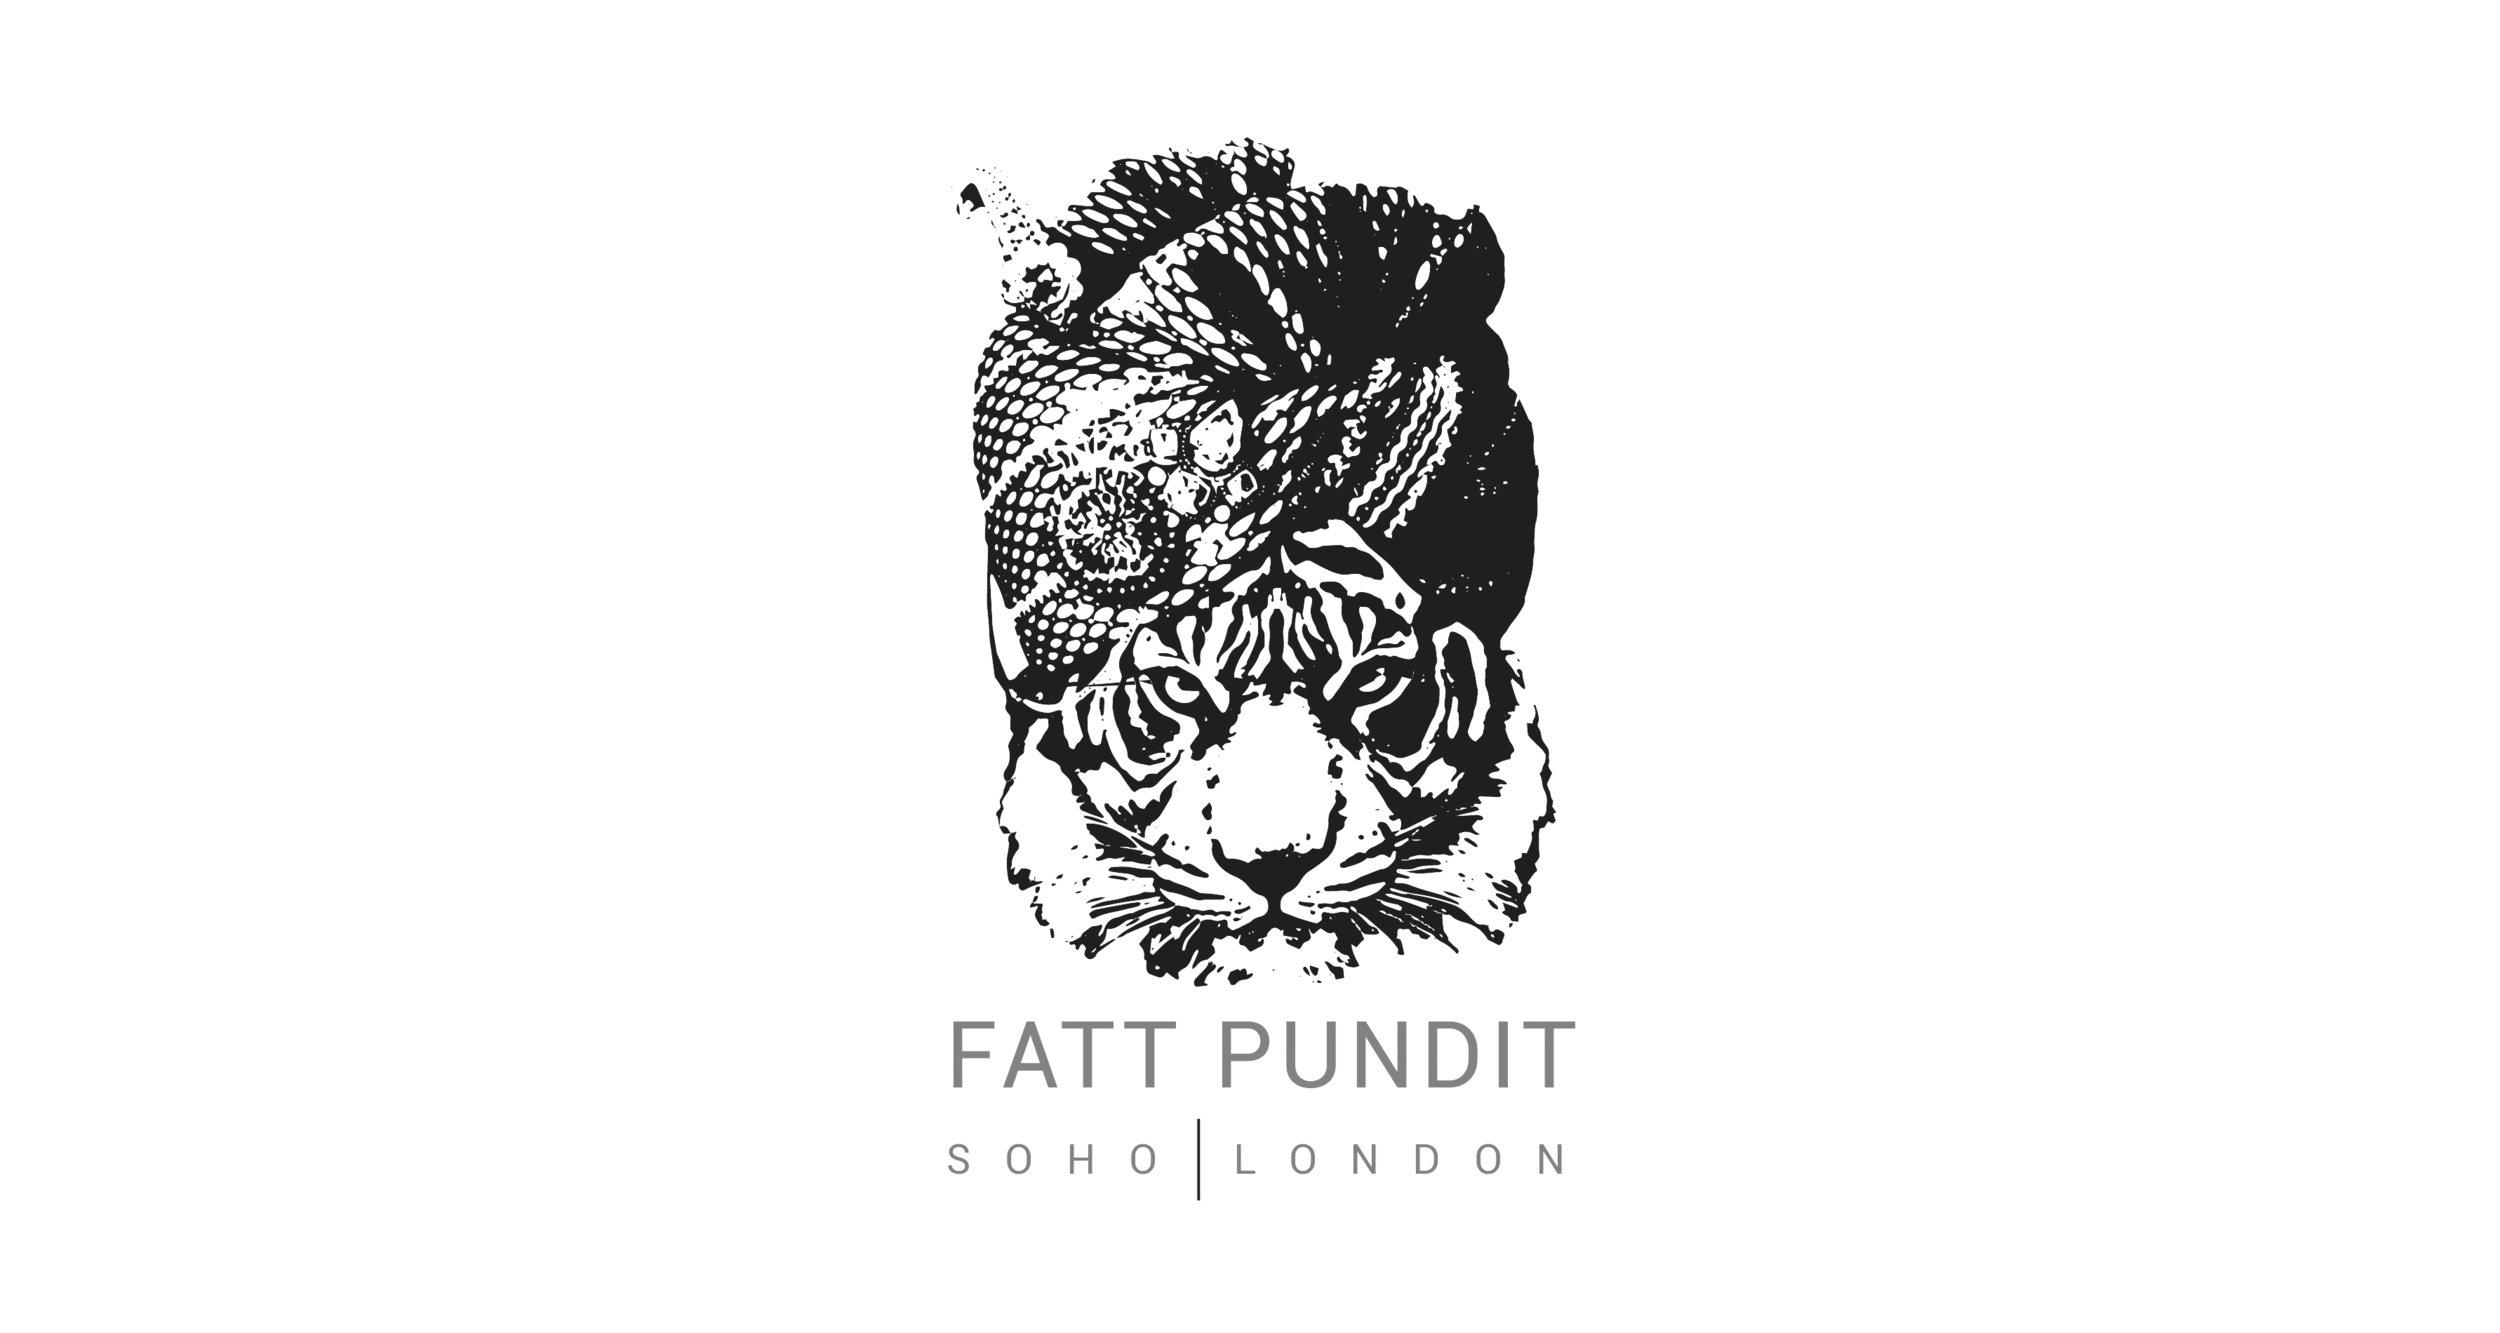 Fatt Pundit Samphire-Communications-Food-PR.jpg